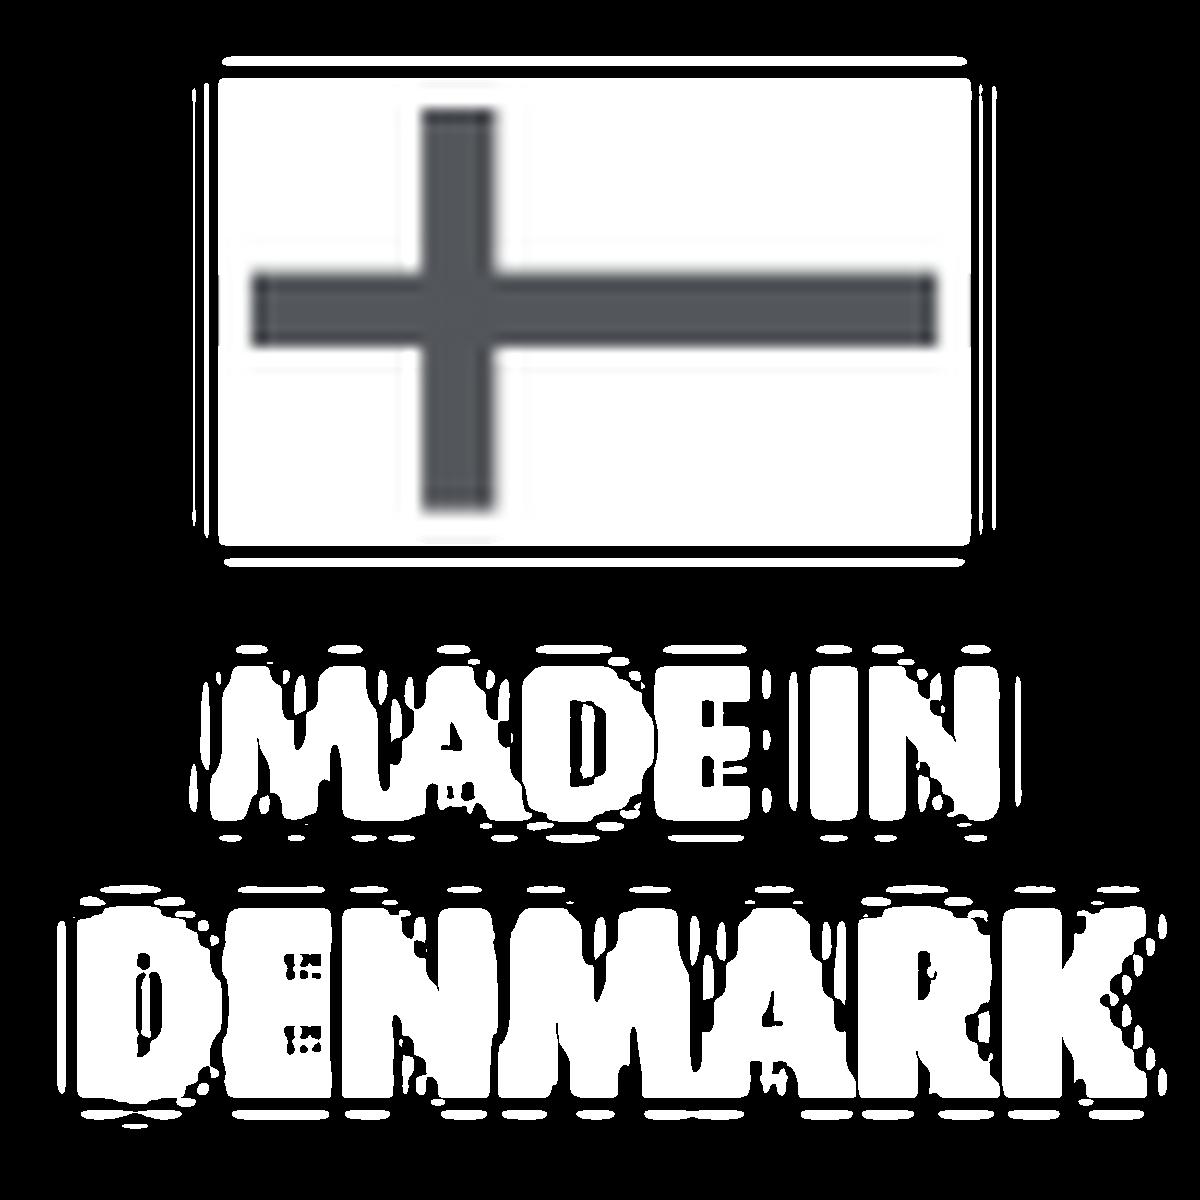 danskProduceret